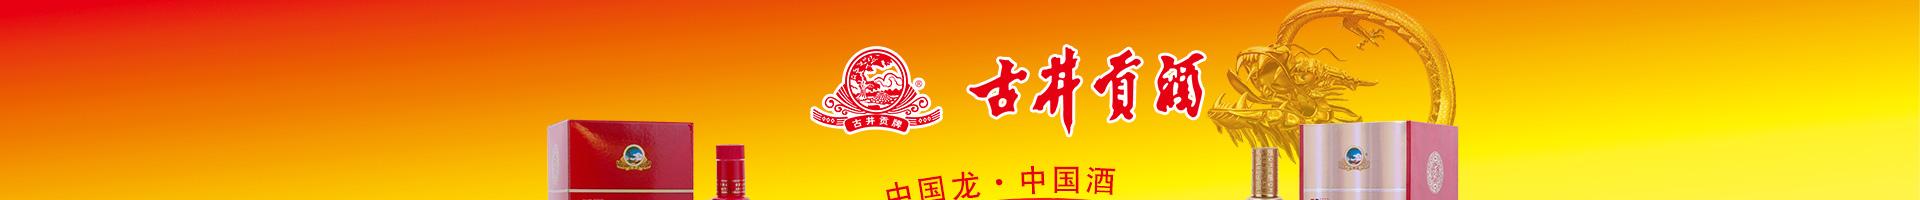 安徽古井贡酒股份有限公司龙韵系列